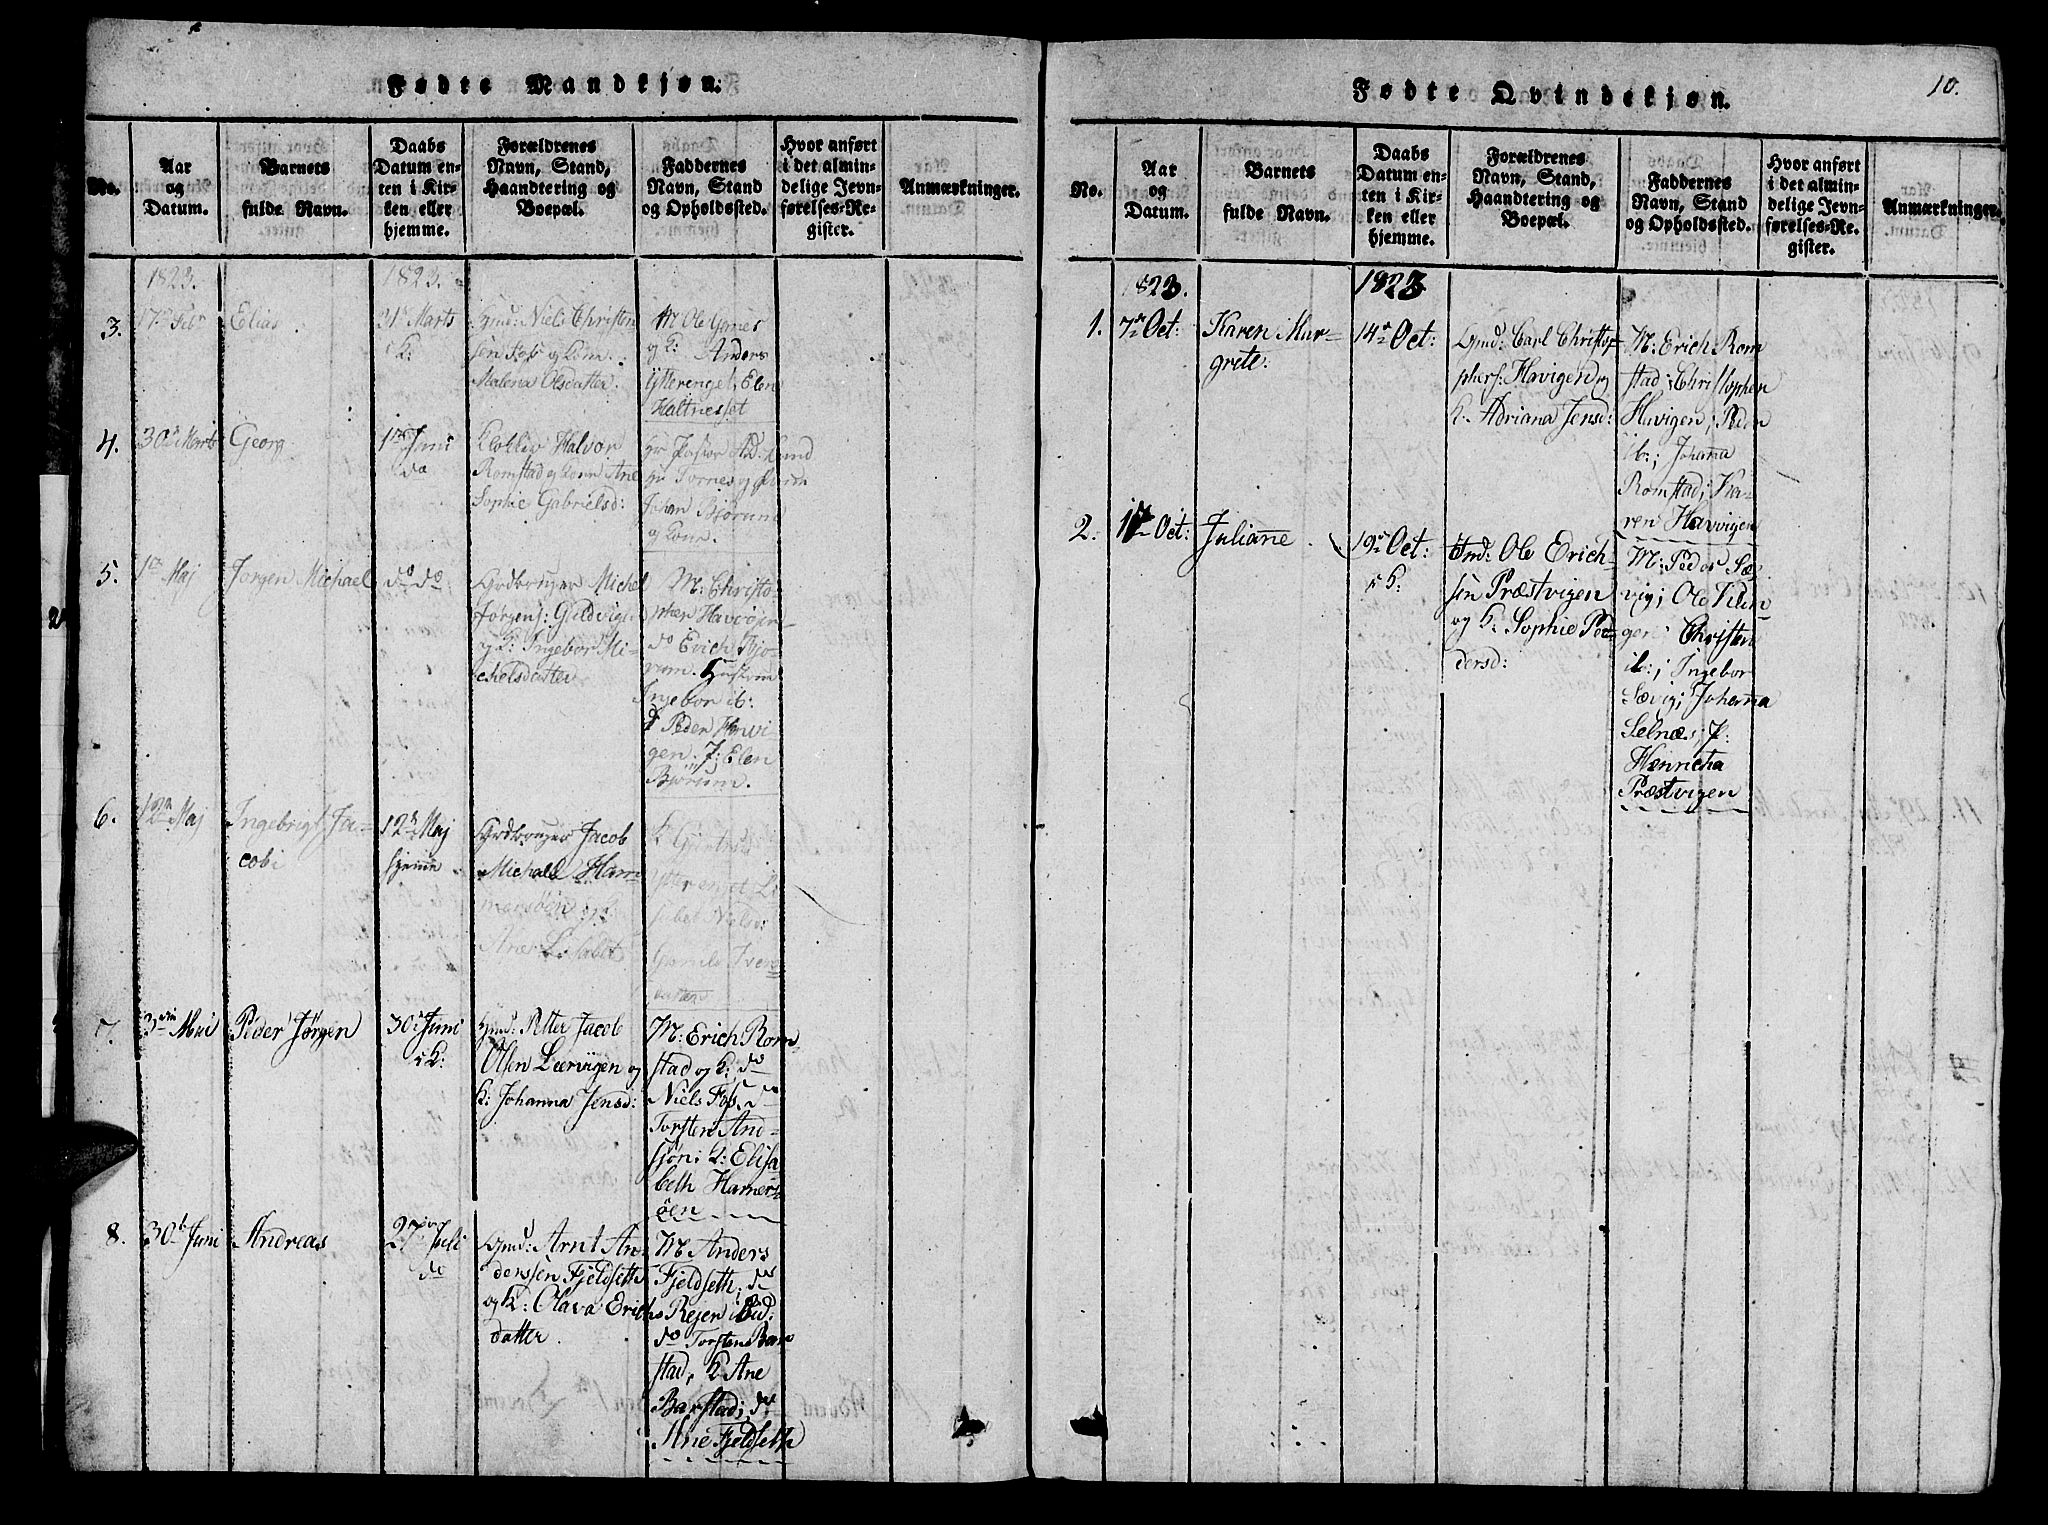 SAT, Ministerialprotokoller, klokkerbøker og fødselsregistre - Nord-Trøndelag, 770/L0588: Ministerialbok nr. 770A02, 1819-1823, s. 10